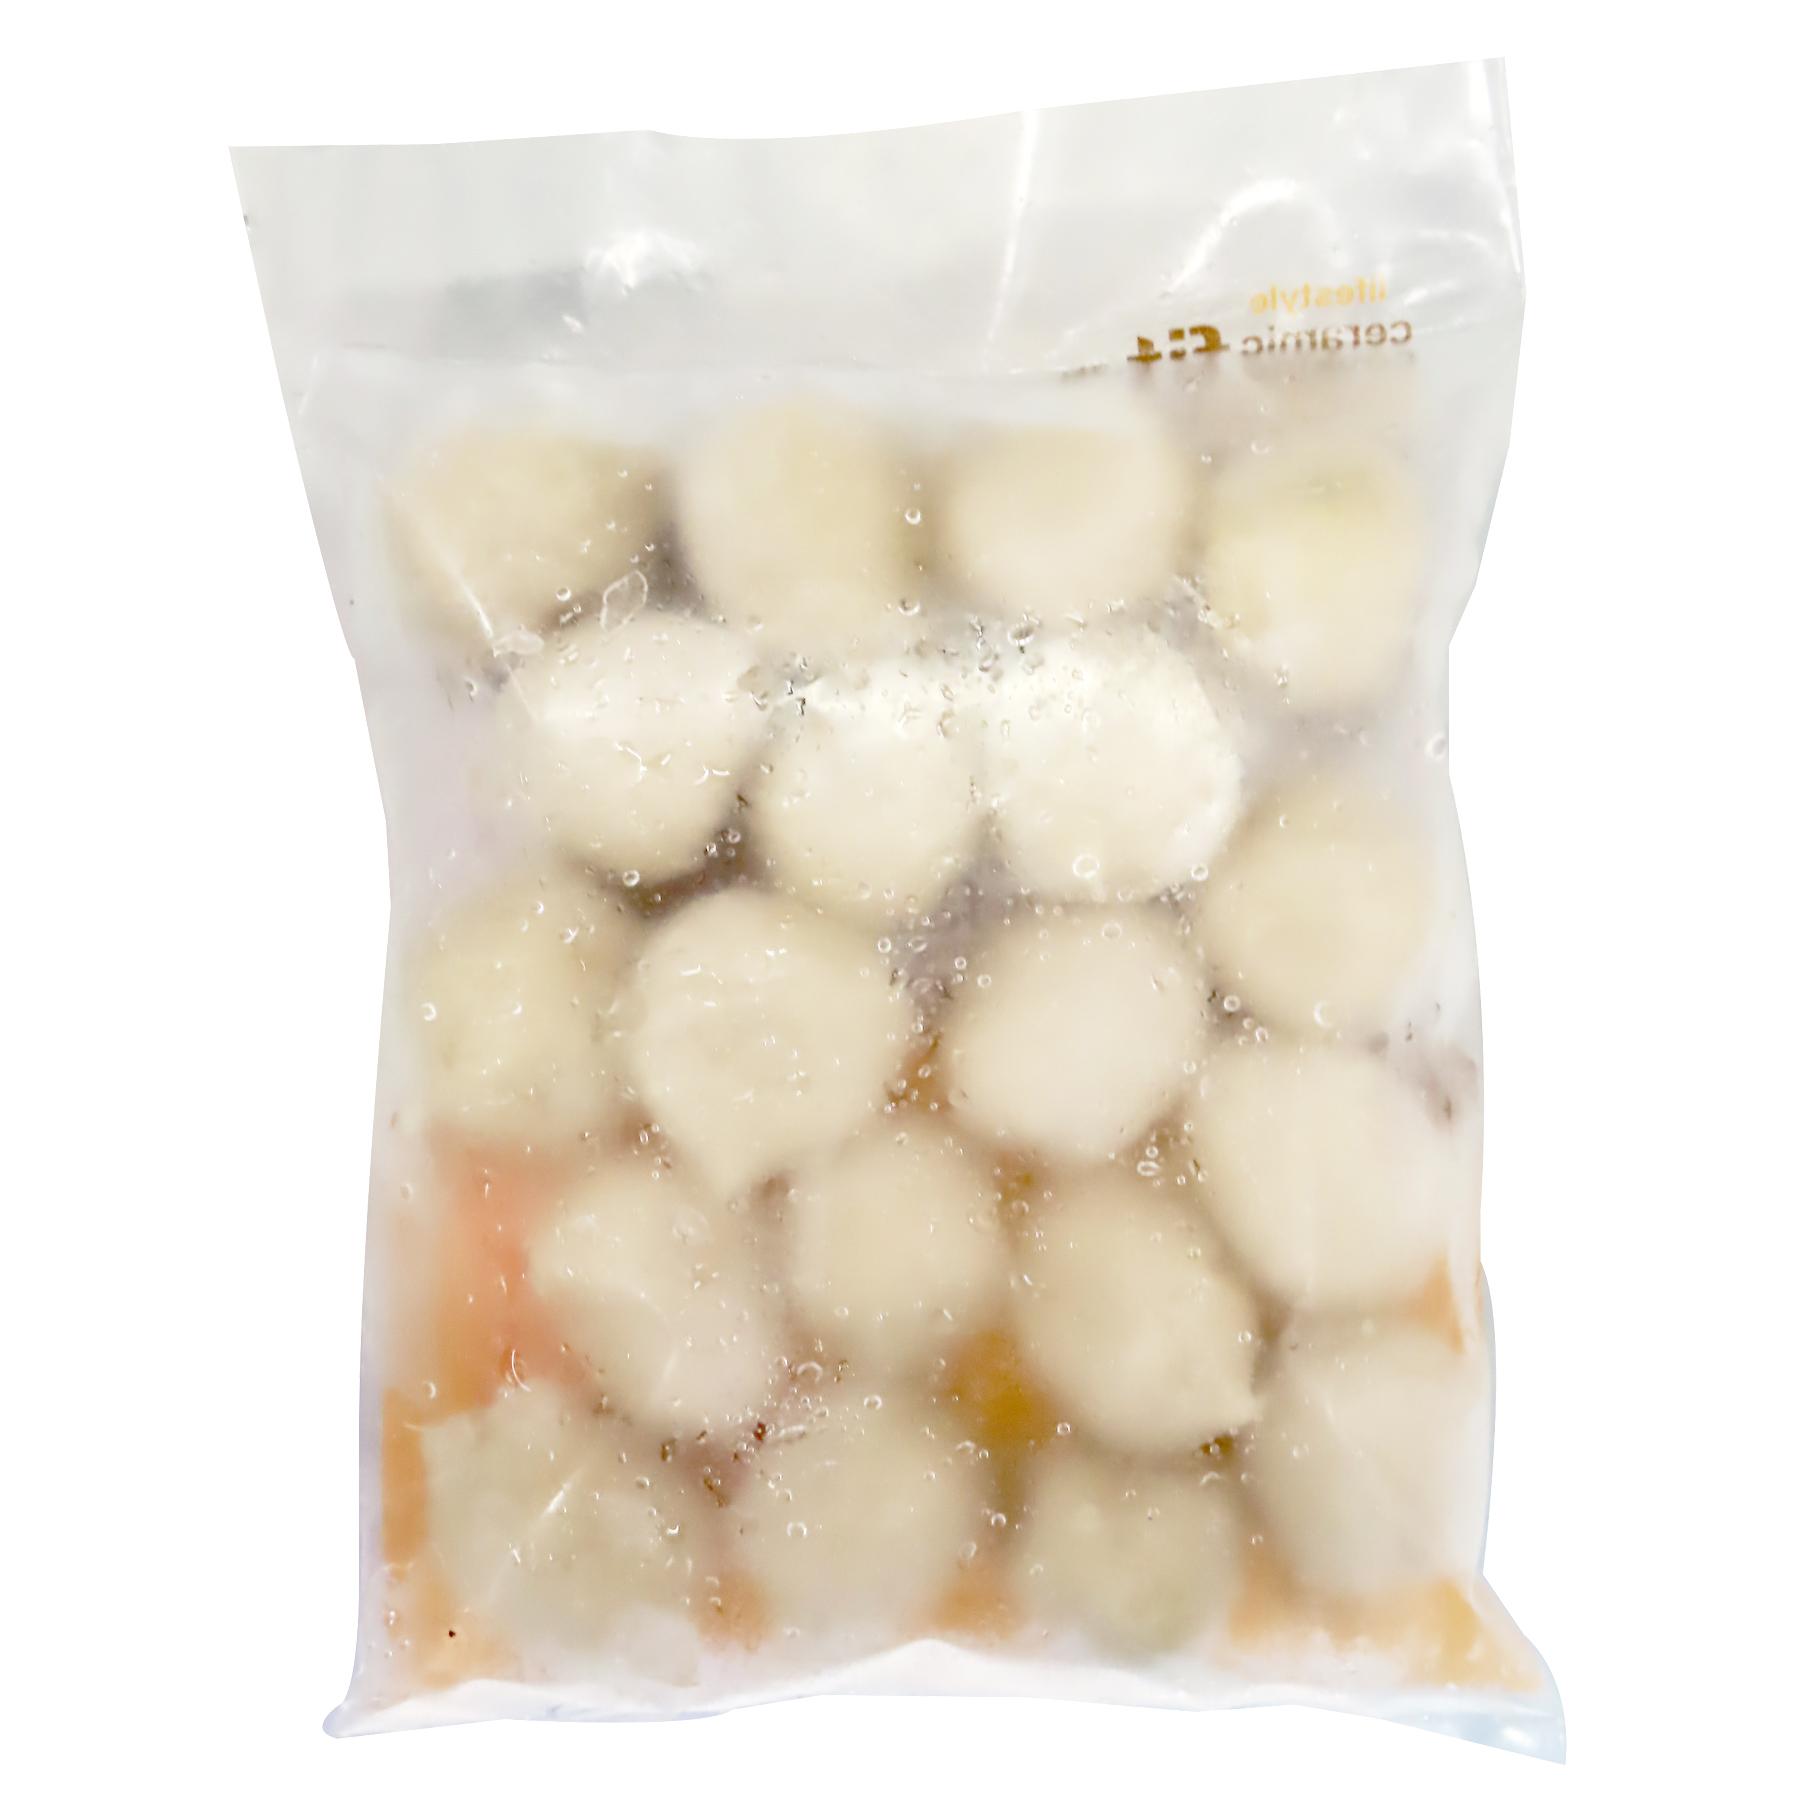 Image Fortune Ball Fu zhou wan Fuzhou ball 善缘 - 福州丸 500grams